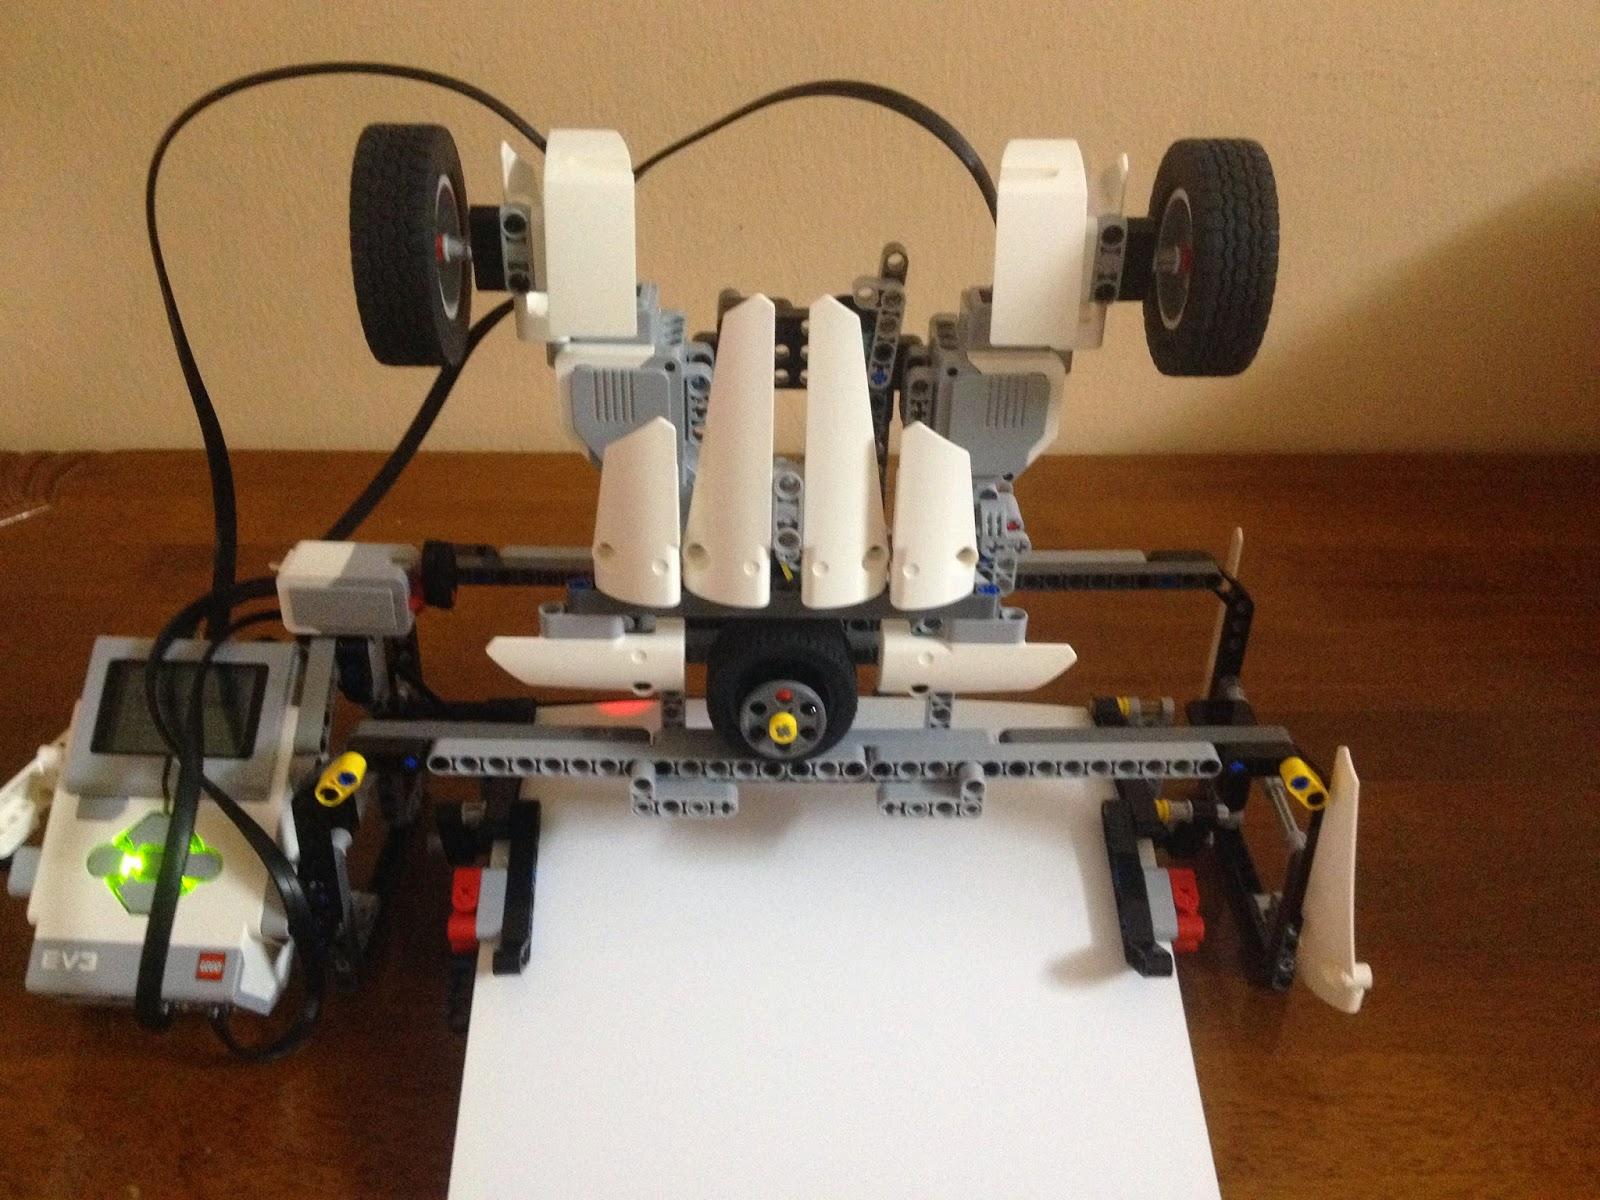 EV3 plotter | The NXT STEP is EV3 - LEGO® MINDSTORMS® Blog